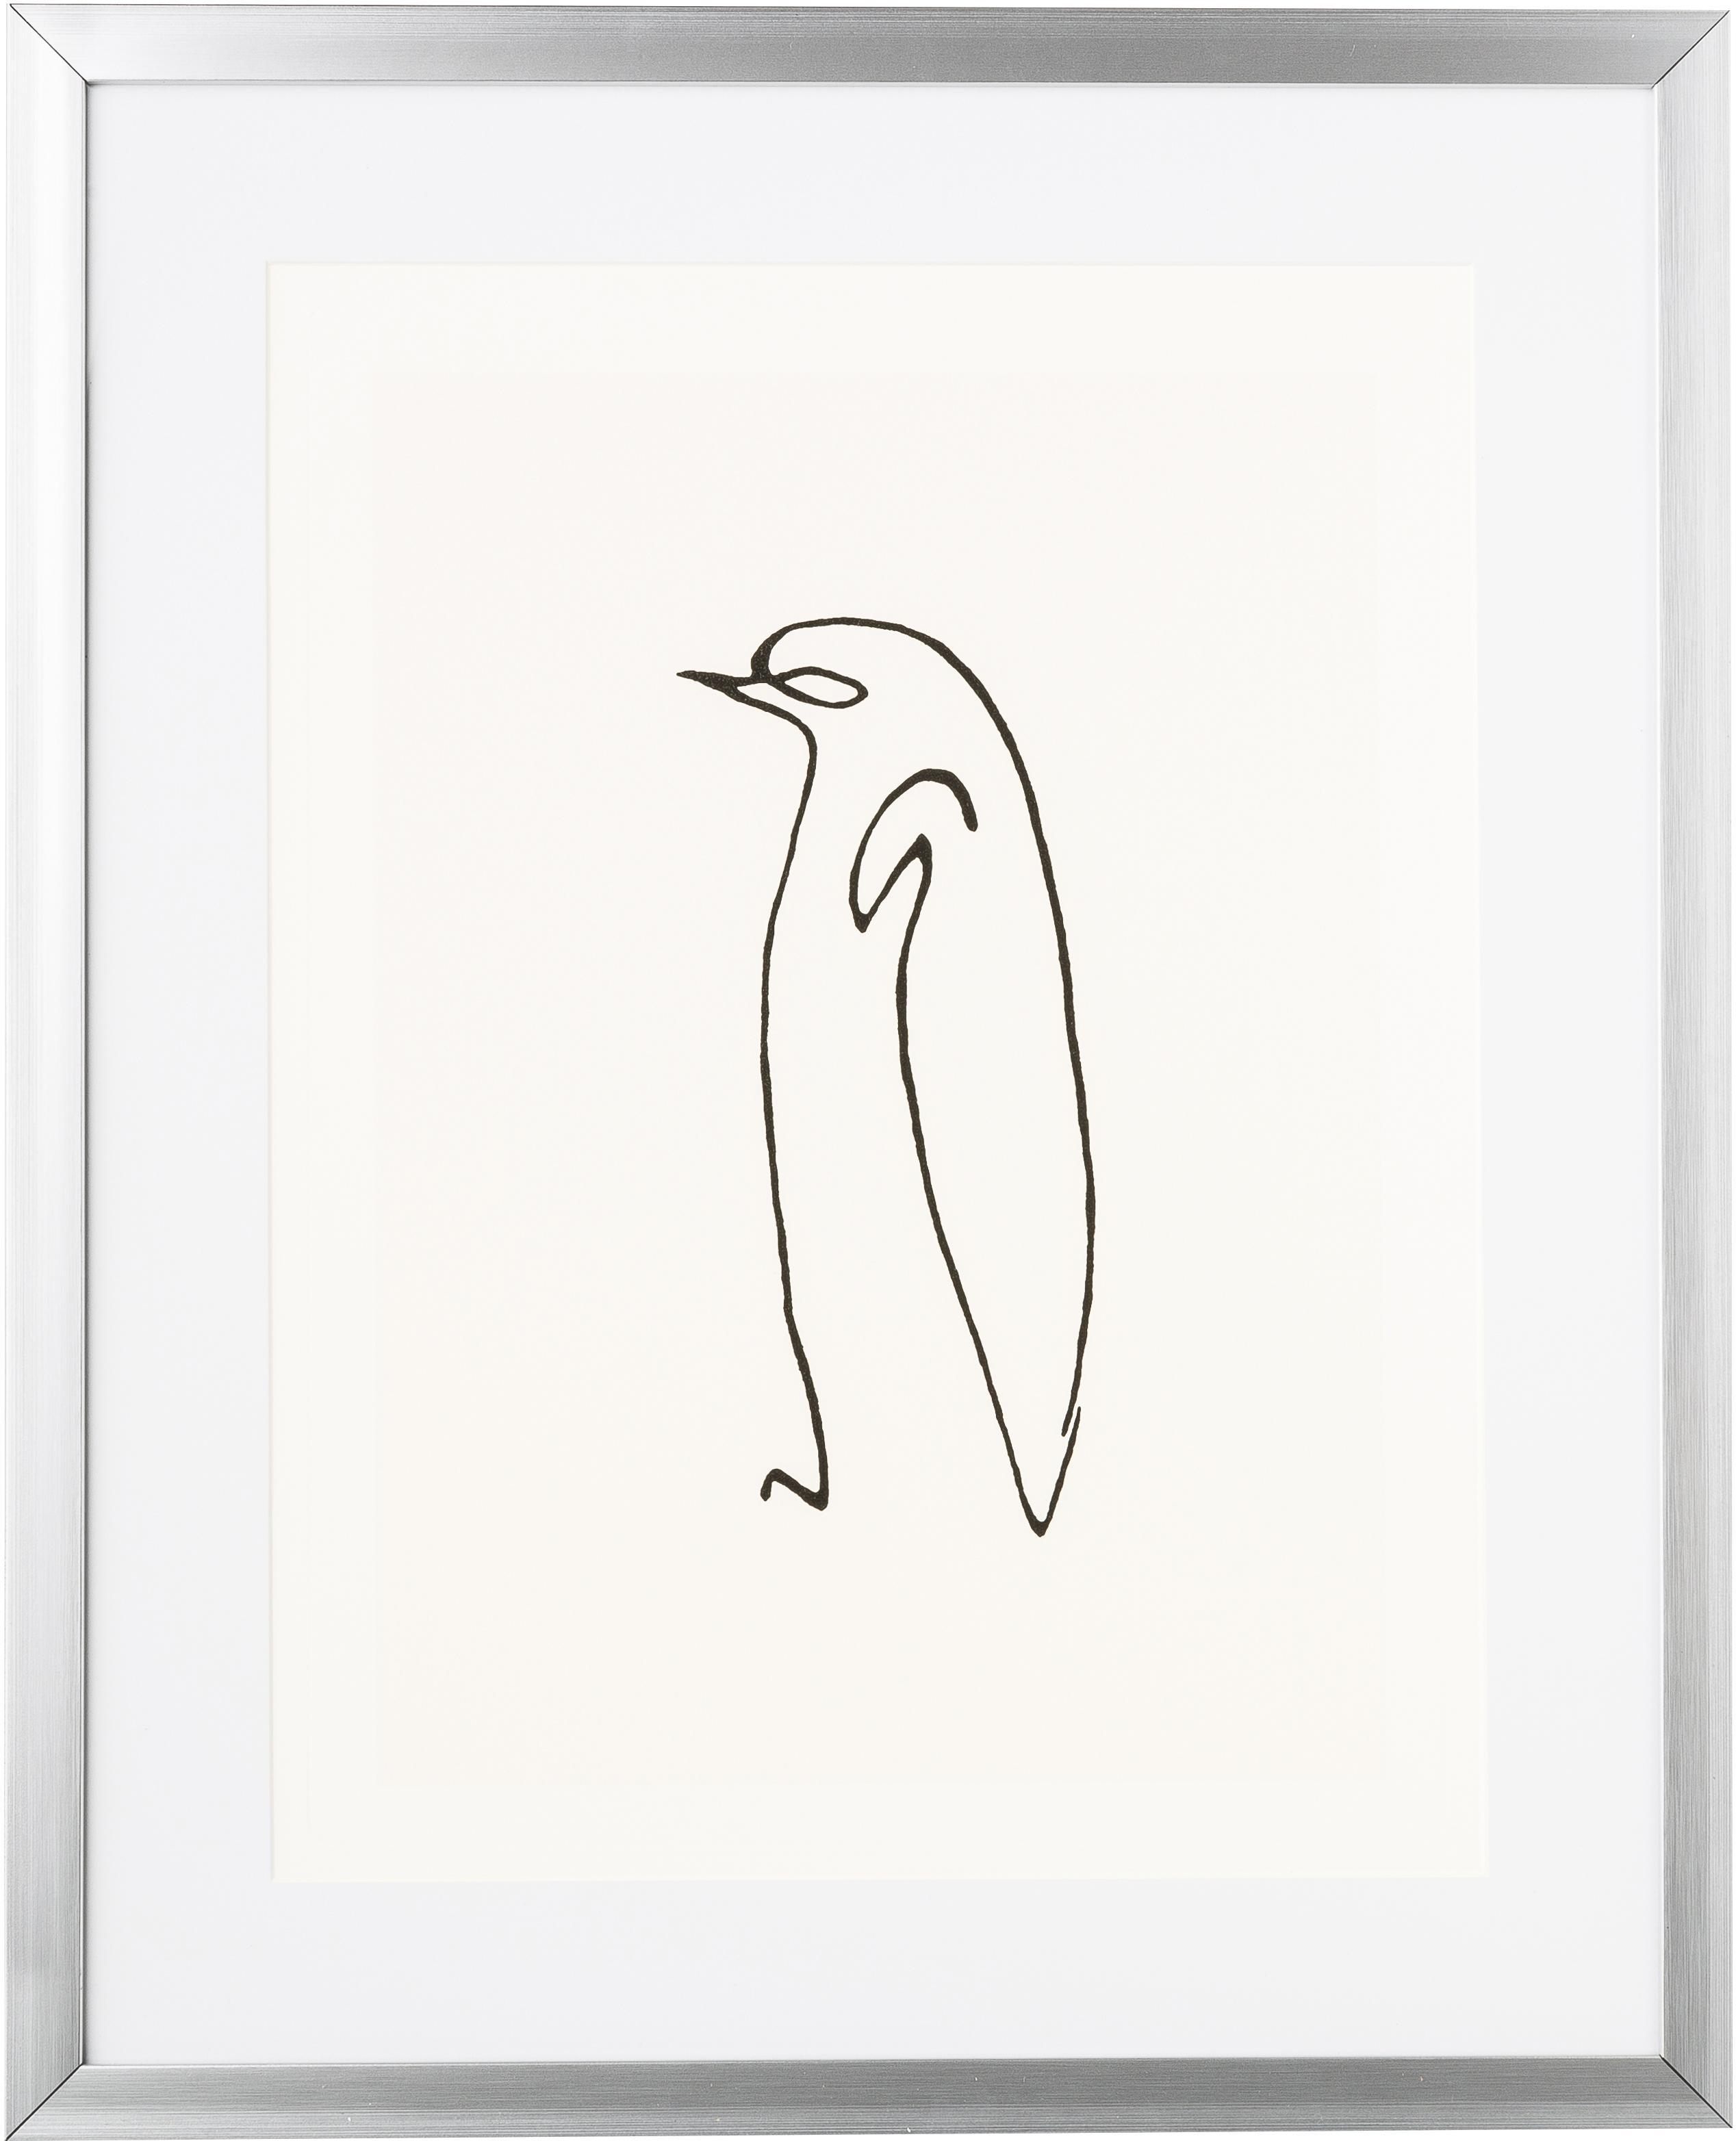 Stampa digitale incorniciata Picasso's Pinguin, Immagine: stampa digitale, Cornice: materiale sintetico, effe, Immagine: nero, bianco<br>Cornice: argento, L 40 x A 50 cm